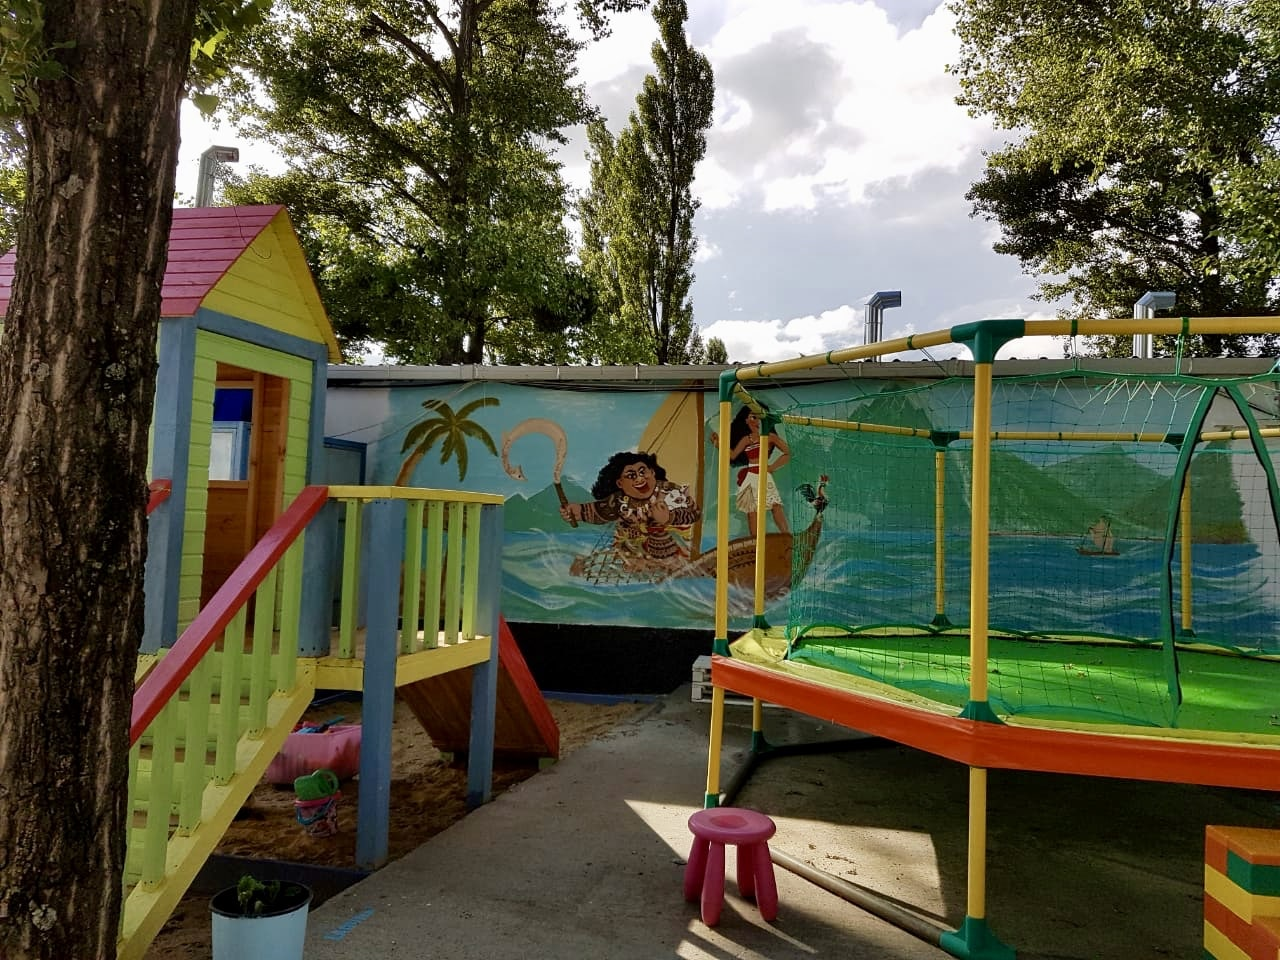 საოჯახო სასტუმრო ლაგუნა ბაზალეთი - საბავშო ზონა